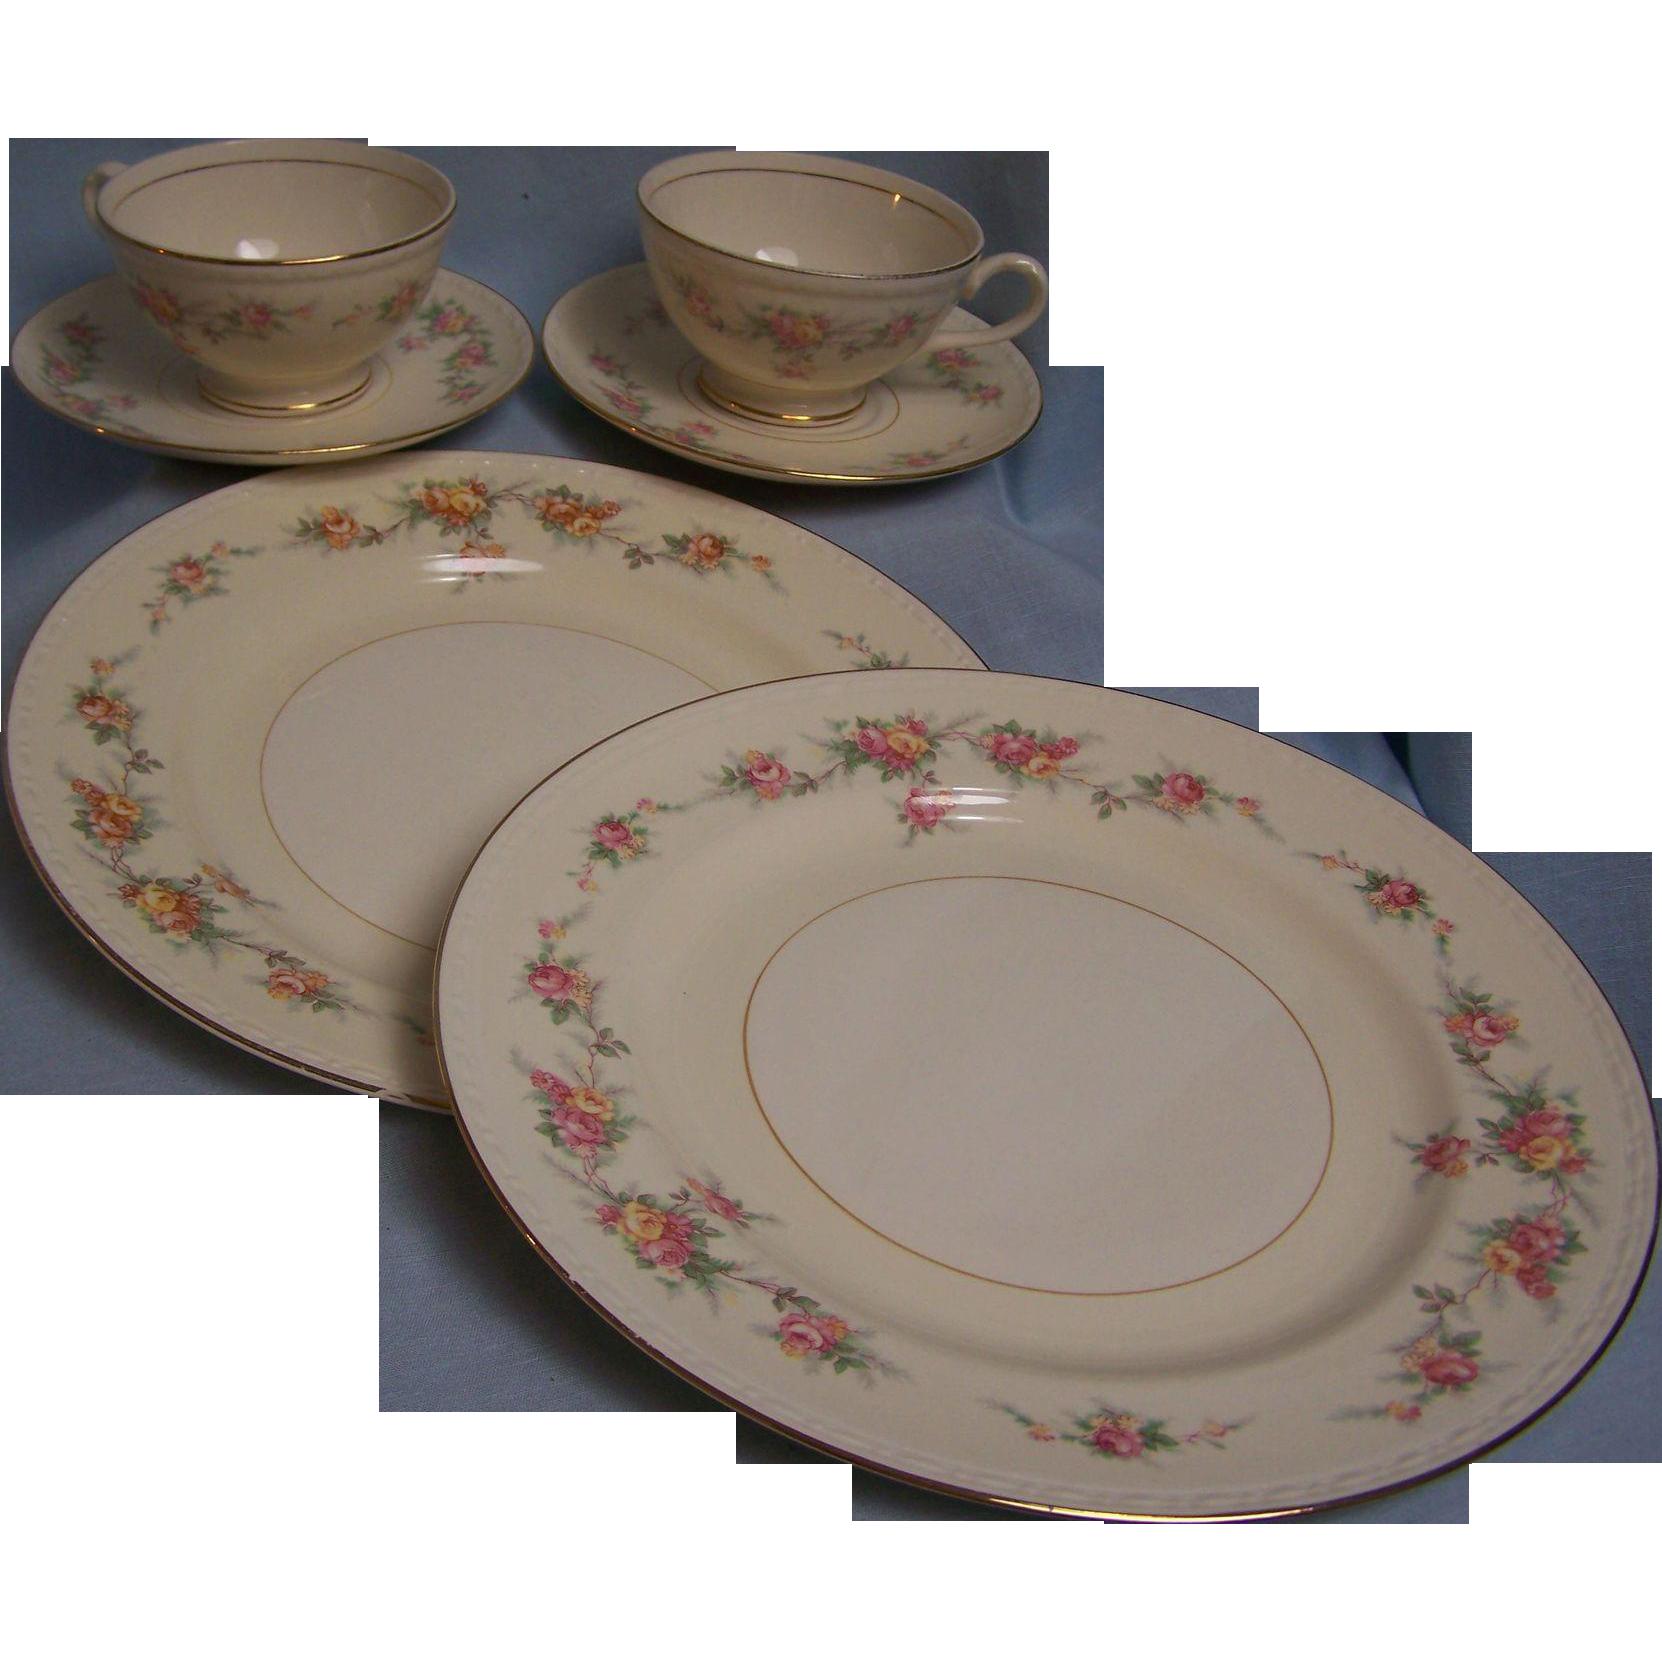 Georgian Eggshell Dinnerware set of 2